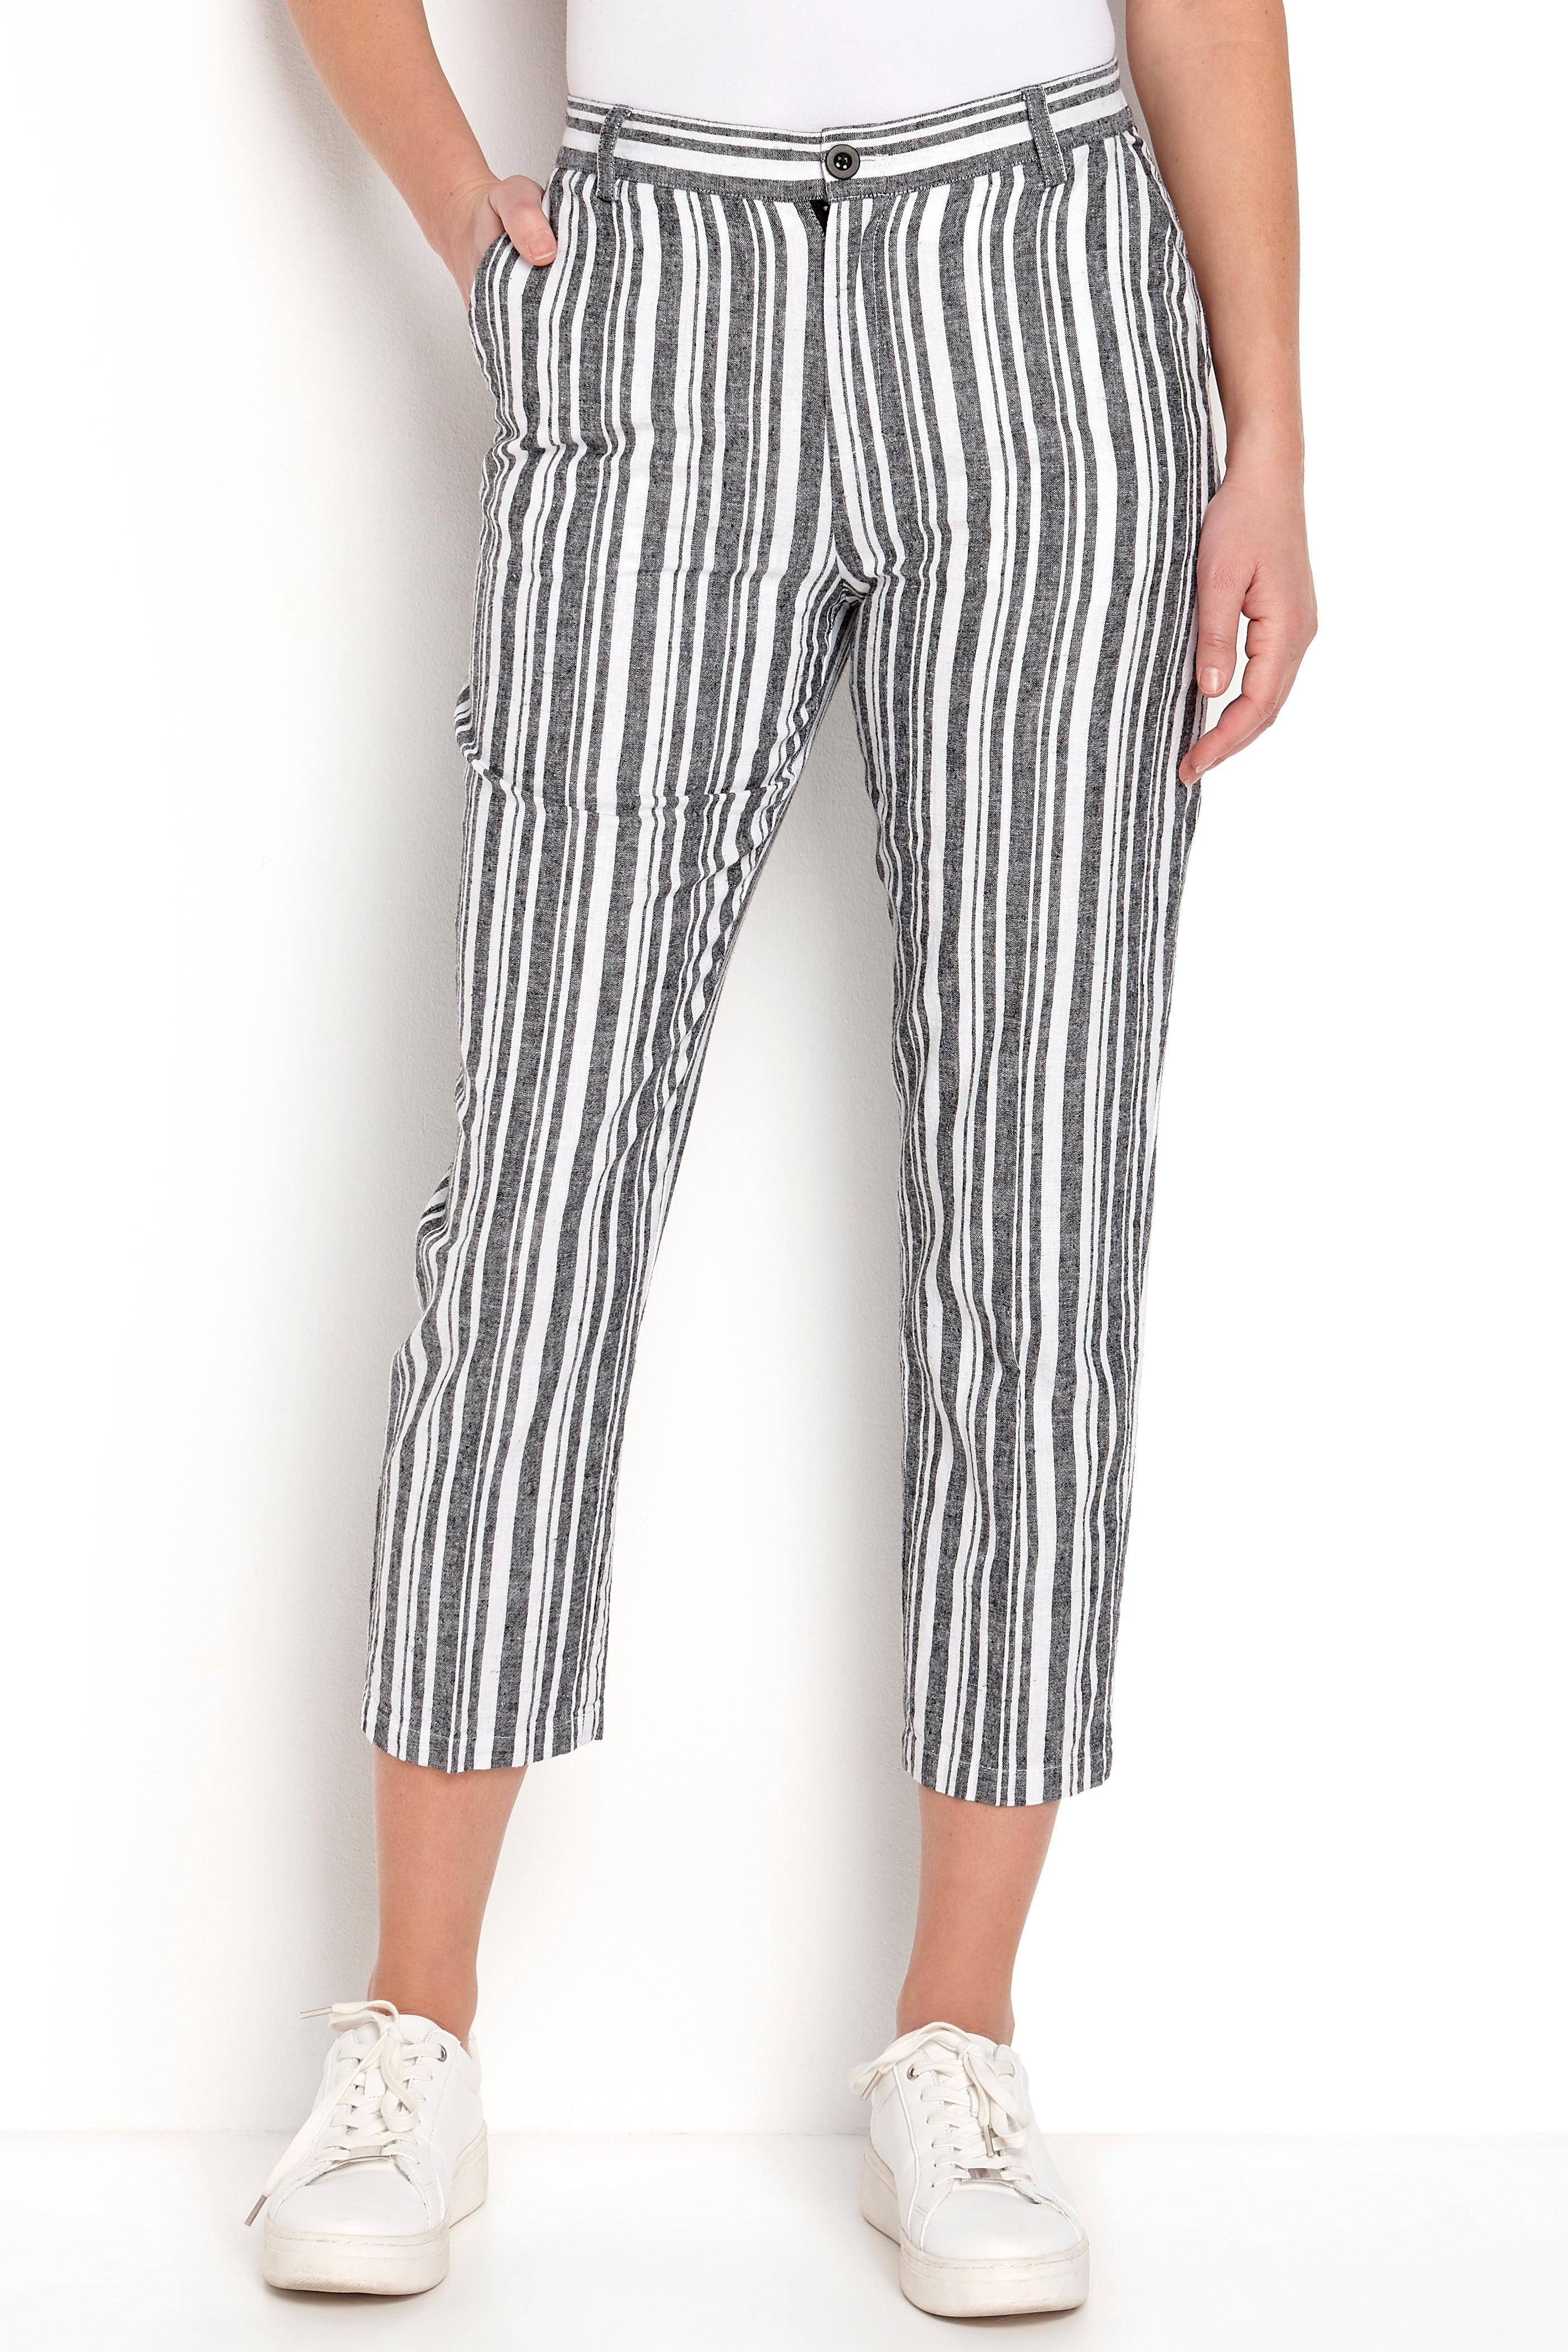 Pasiaste spodnie lniane